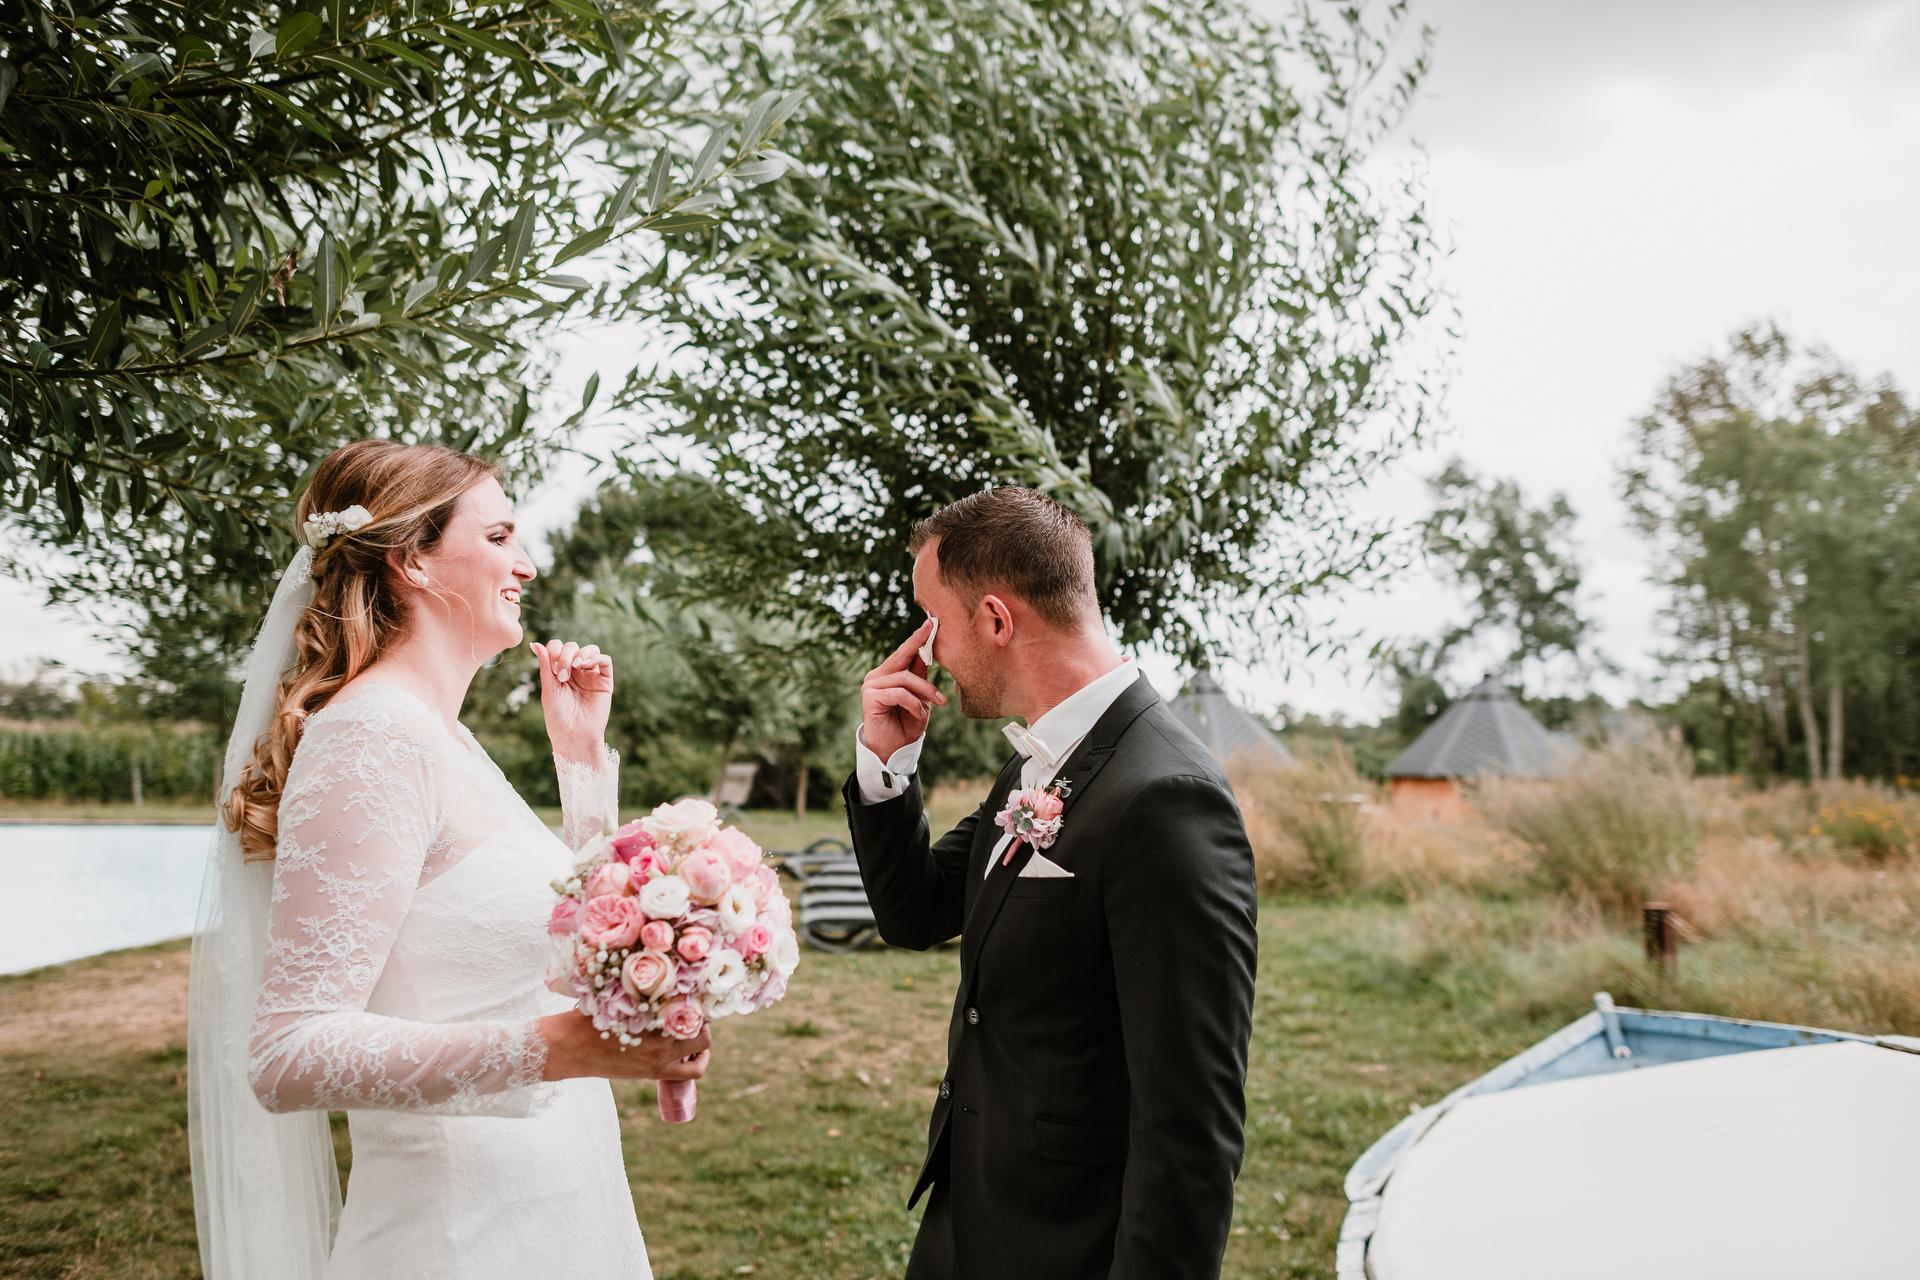 2019-08-10-Hochzeit-Tanja-Oliver-95